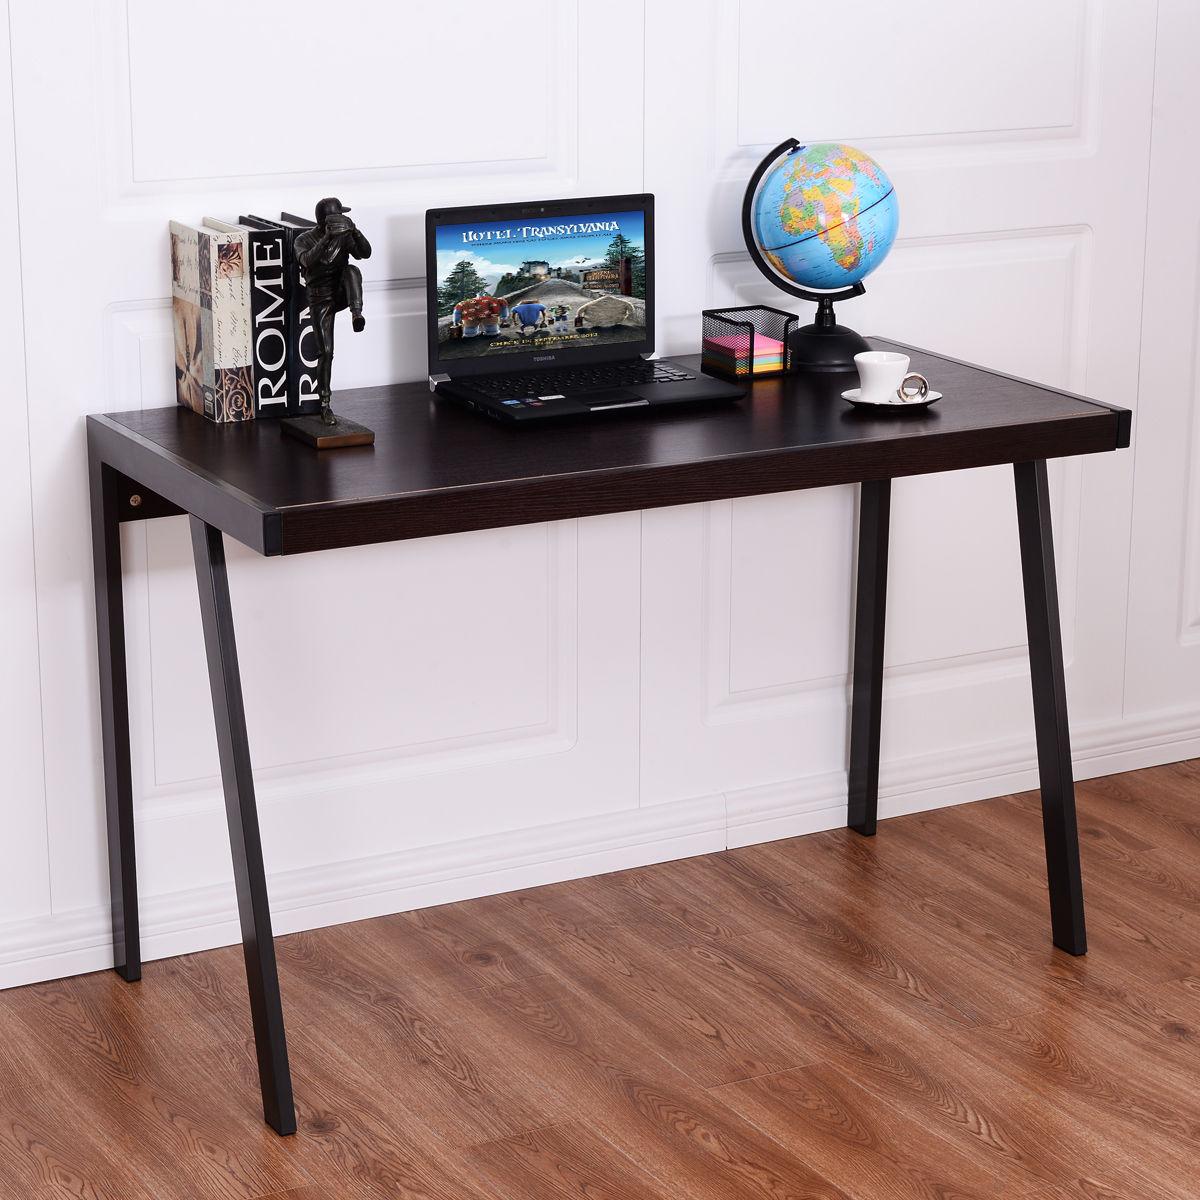 Giantex bois Top ordinateur bureau moderne PC table d'ordinateur portable étude poste de travail en métal cadre maison bureau meubles HW54487